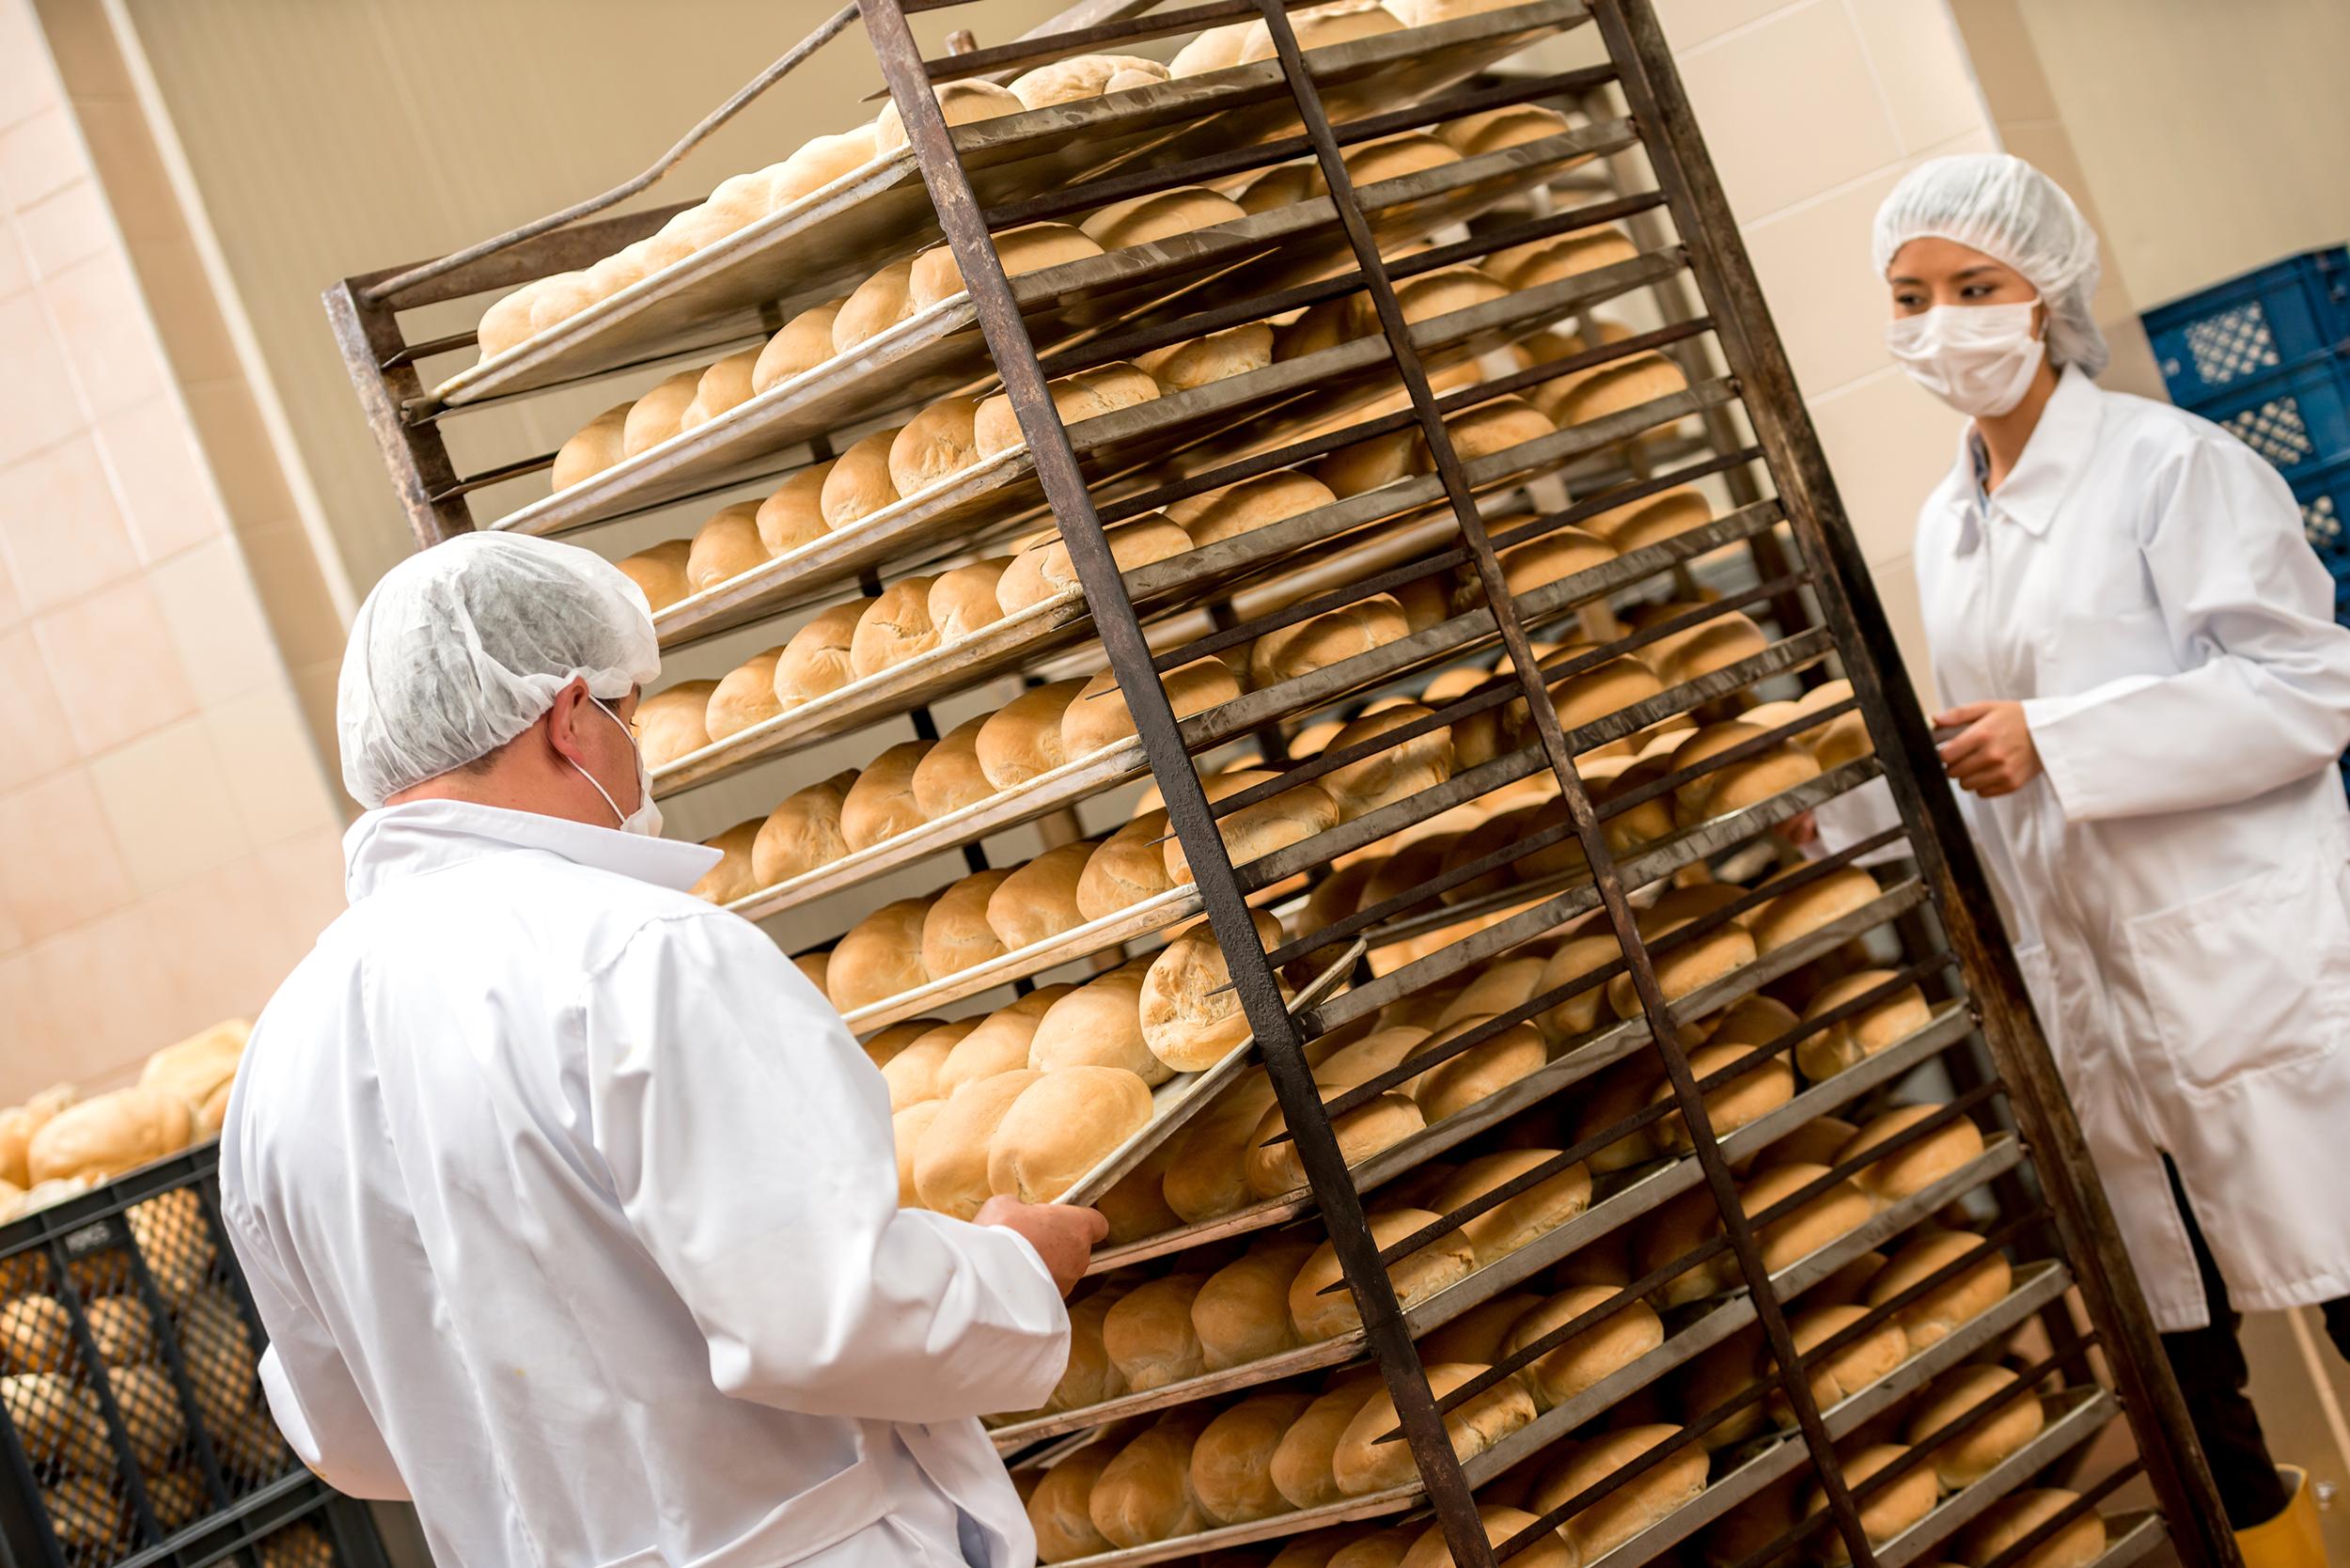 Einführung eines Produktionssystems (Lebensmittelindustrie)